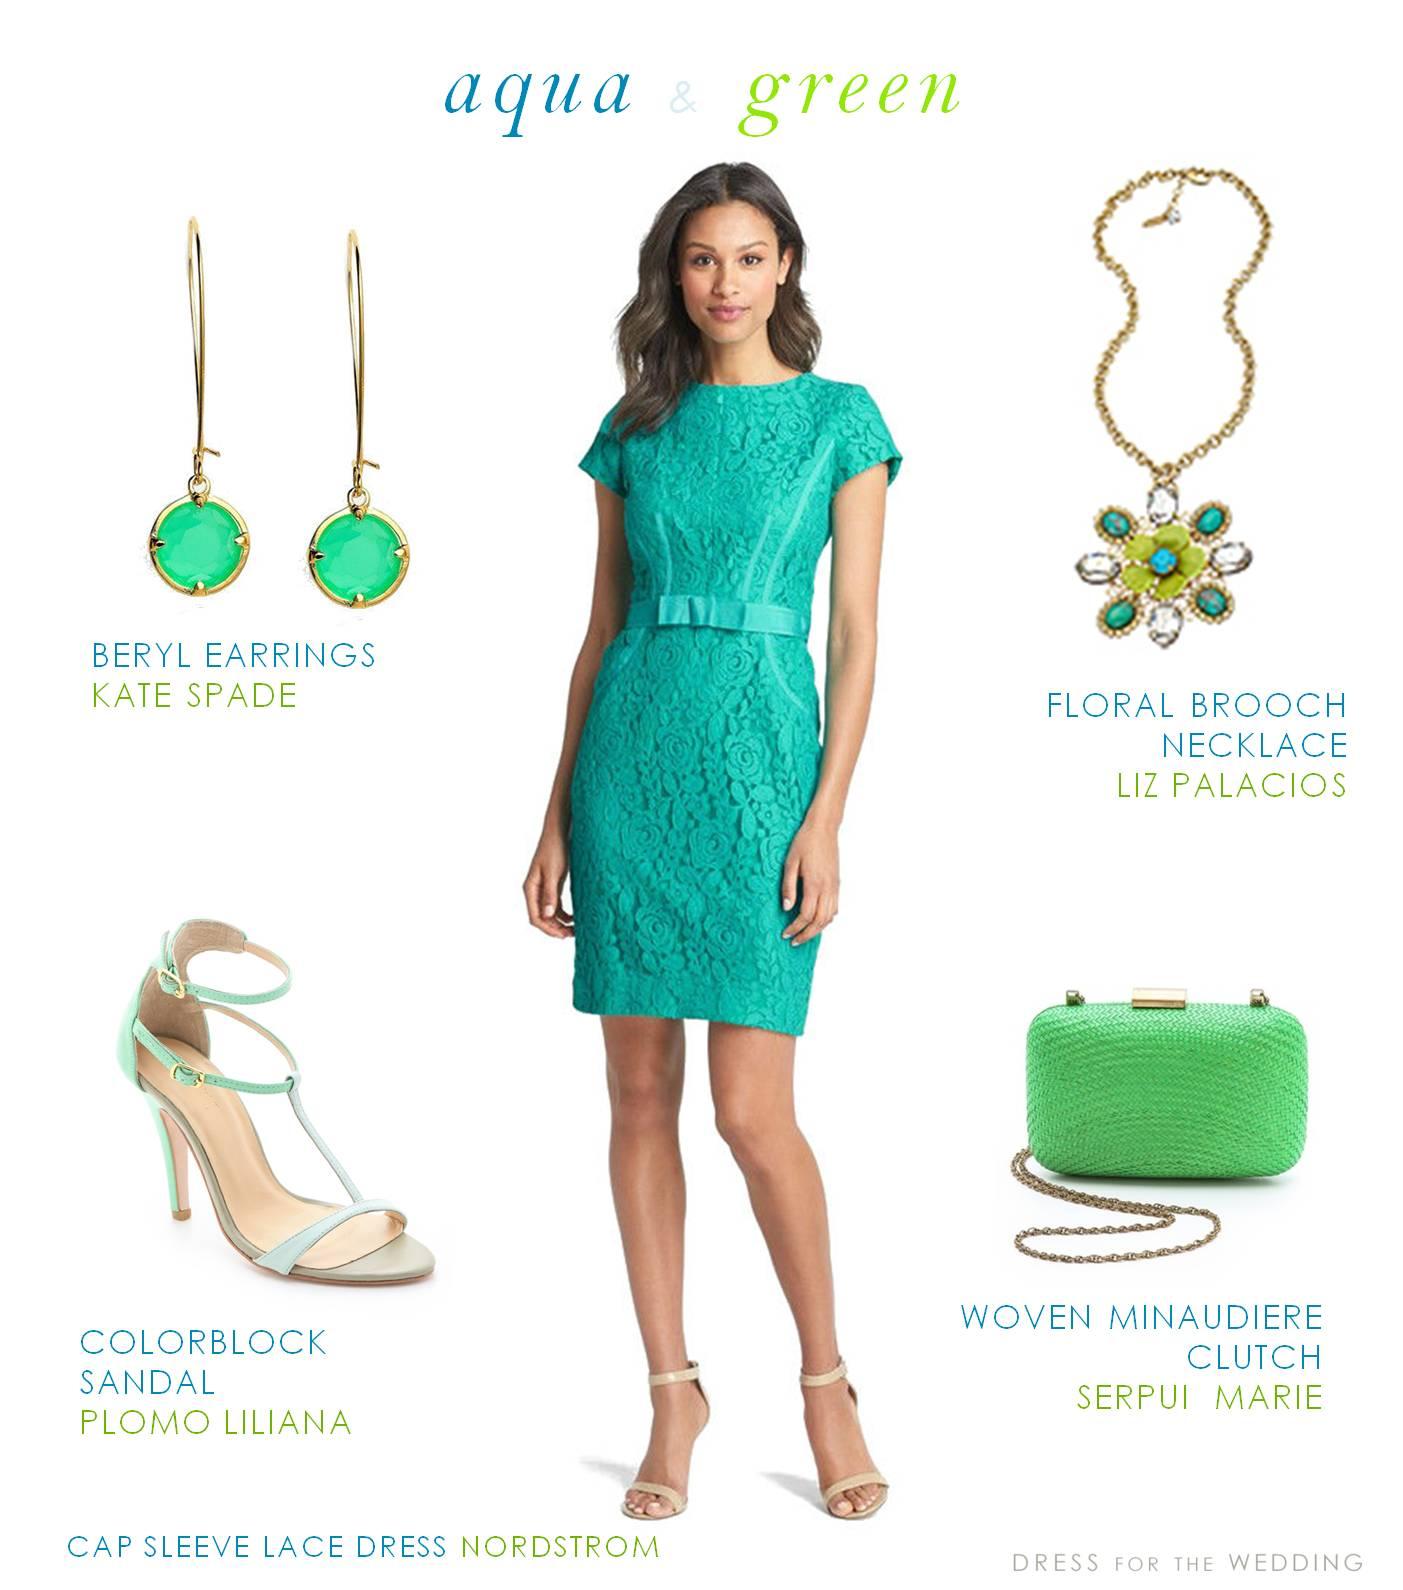 aqua and green dress for a wedding guest wedding guest dresses